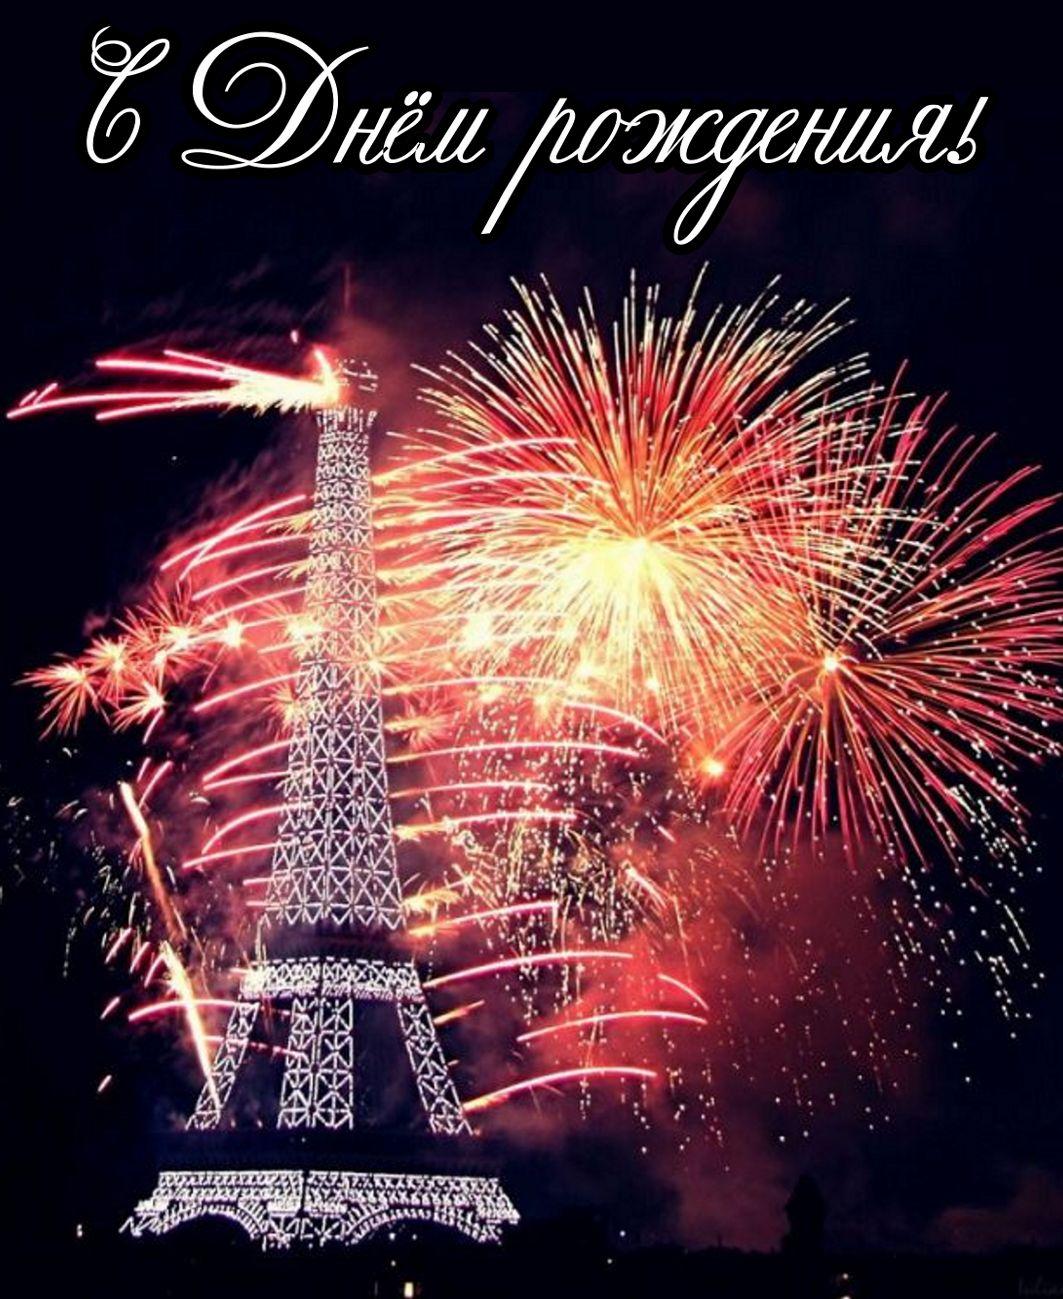 Поздравления с днем рождения женщине в париже